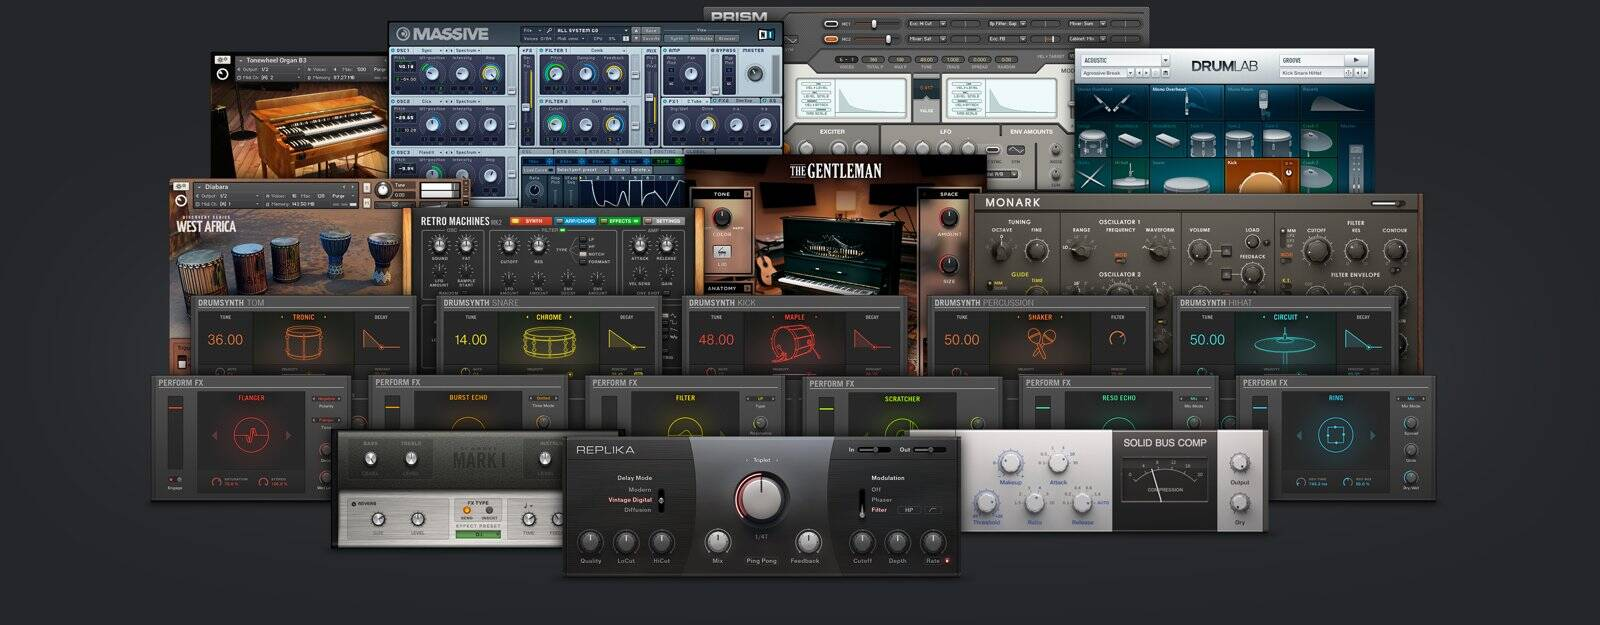 img-ce-full-maschine_overview_13_a_world_of_sounds-af46d31931593ca4da5a93b22c06a3e3-d